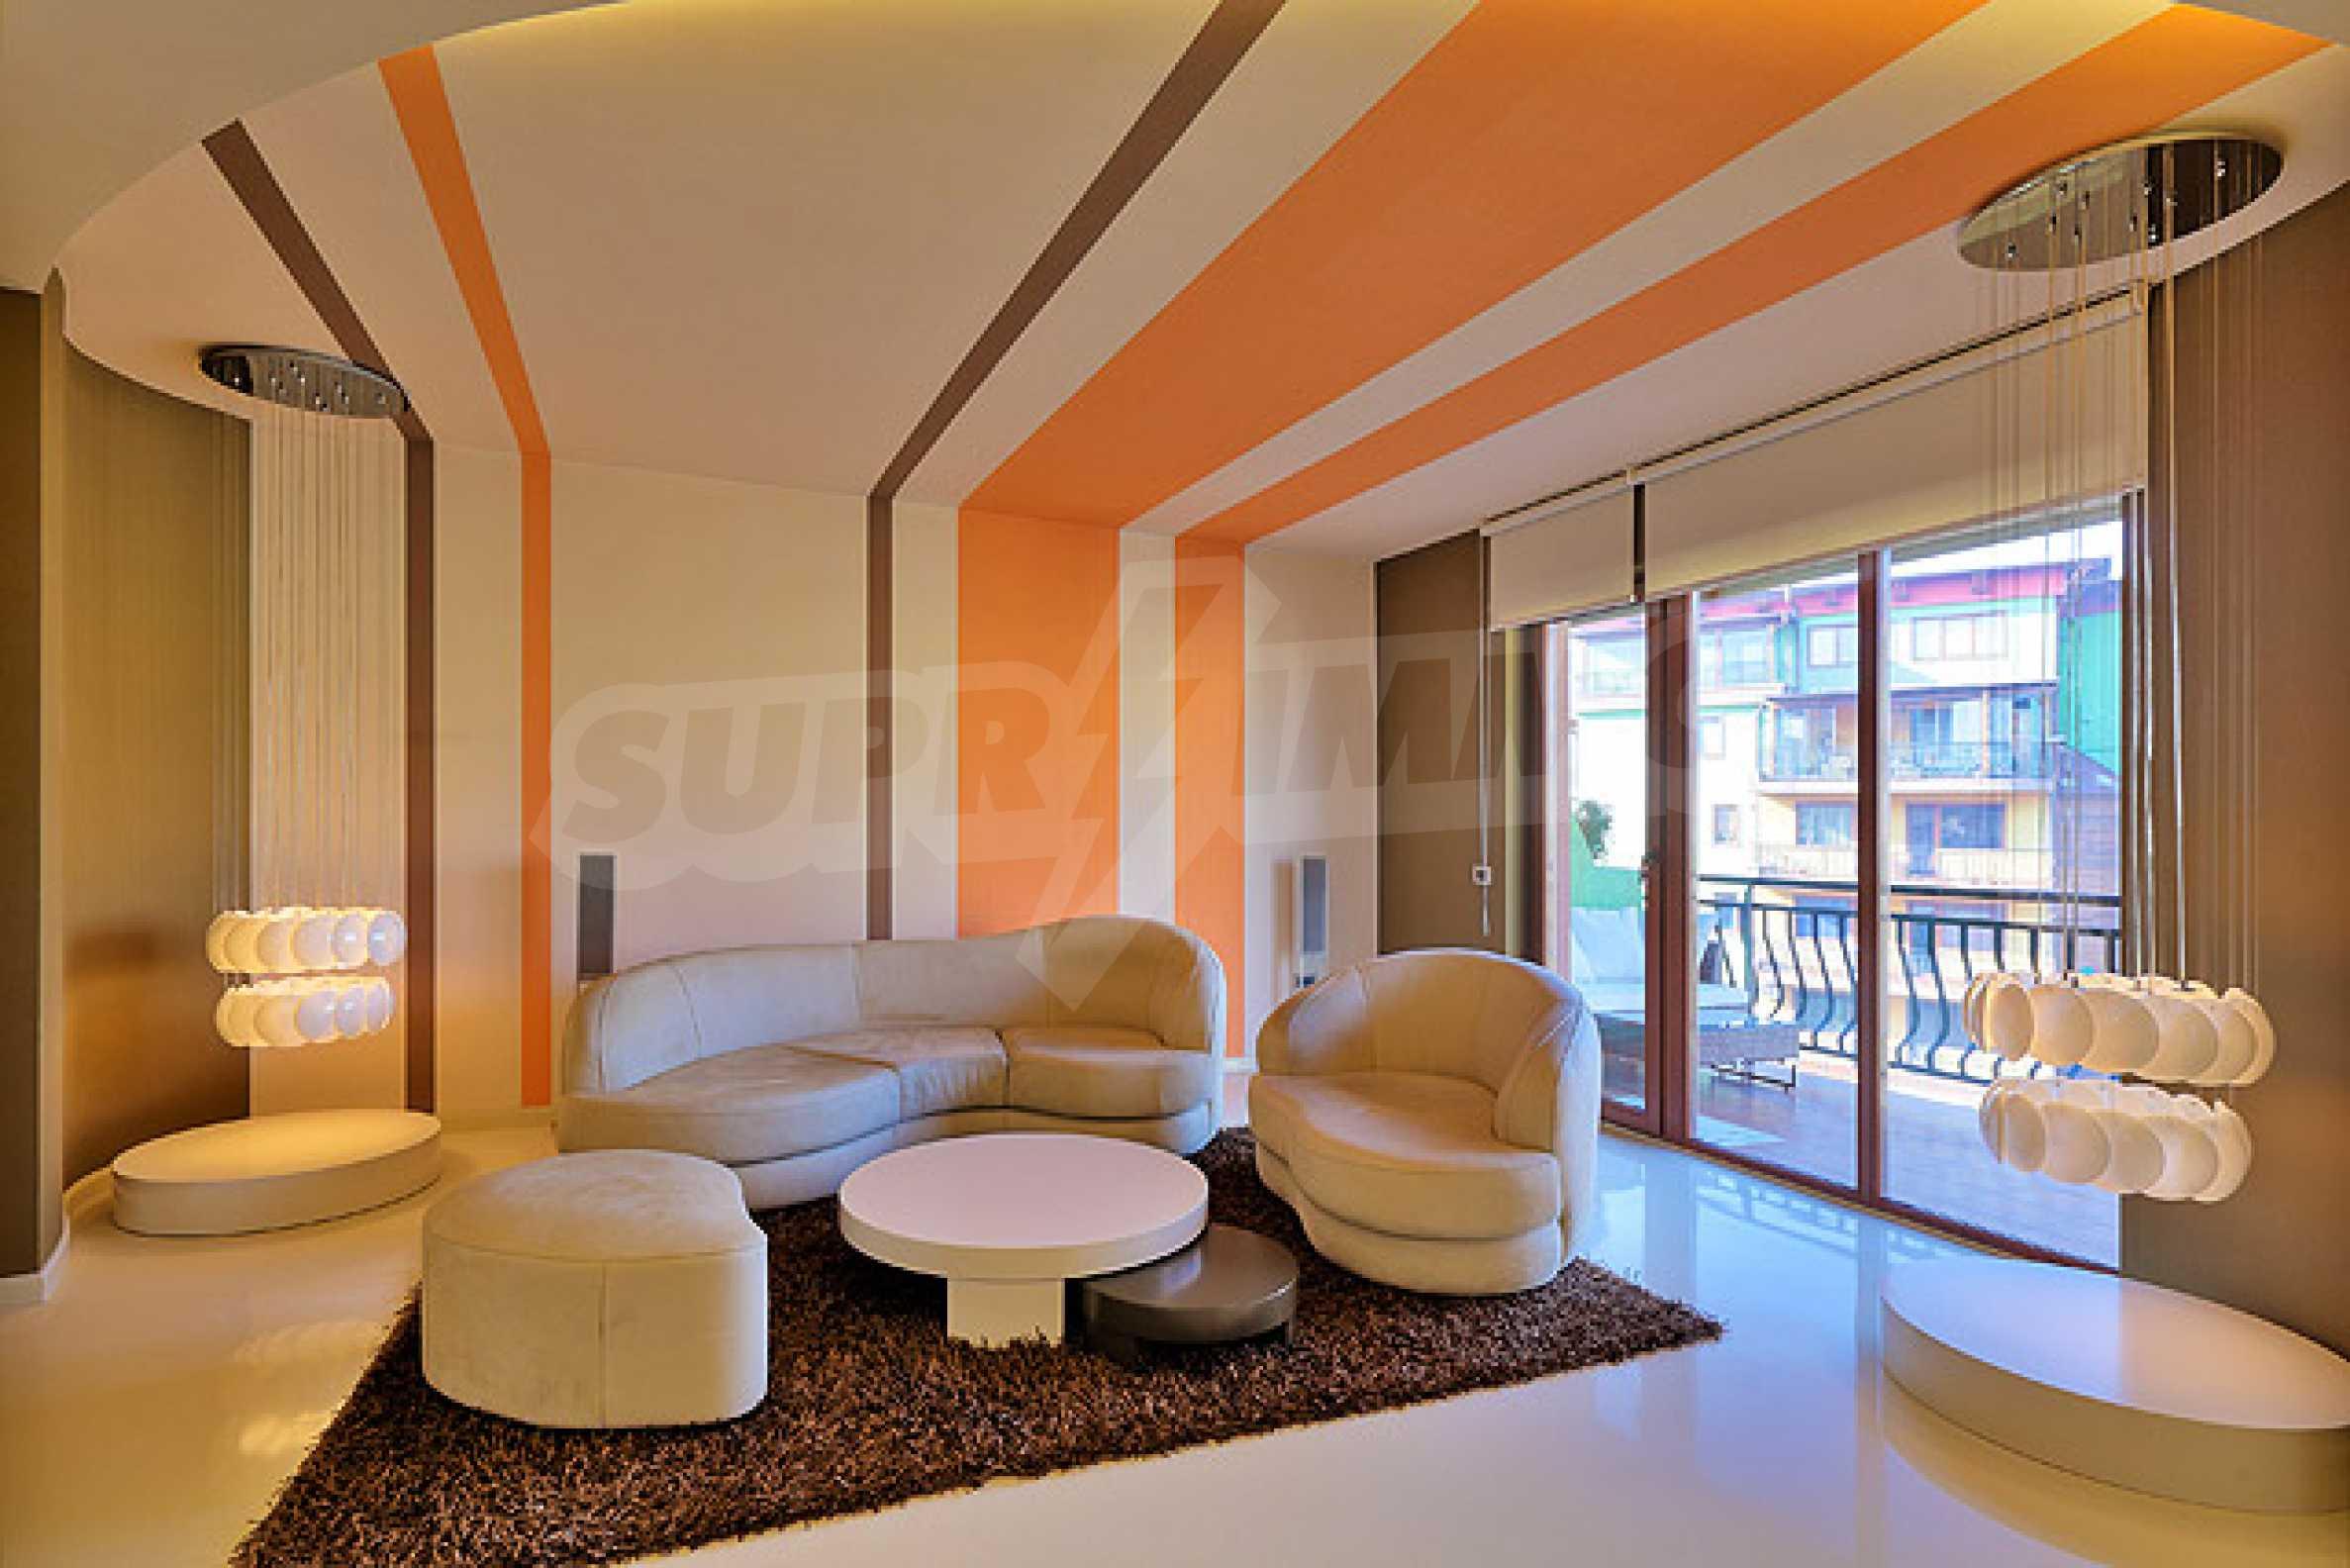 Луксозно обзаведен двустаен апартамент 6